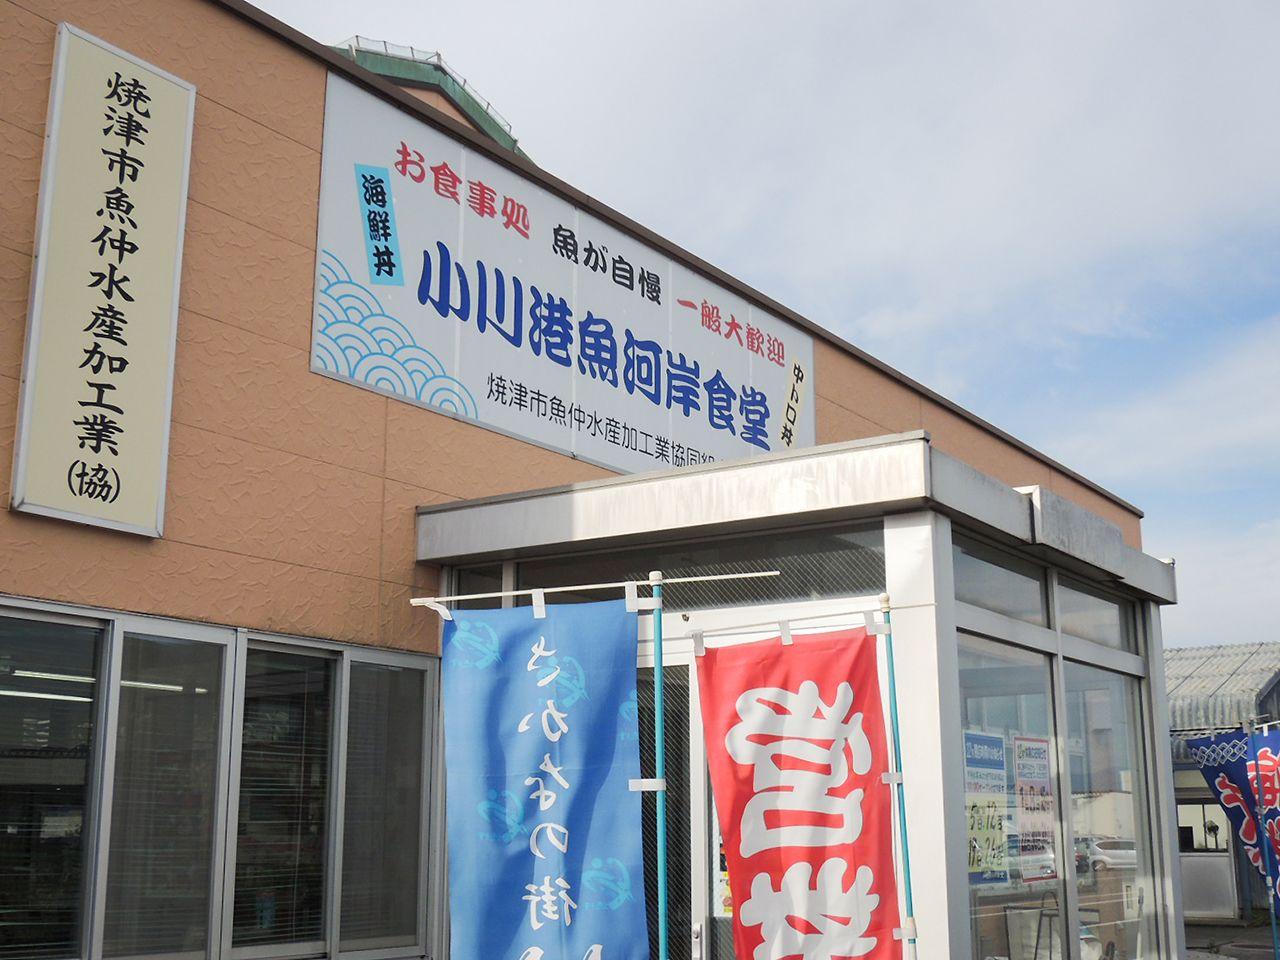 小川港の目の前にある「小川港魚河岸食堂」